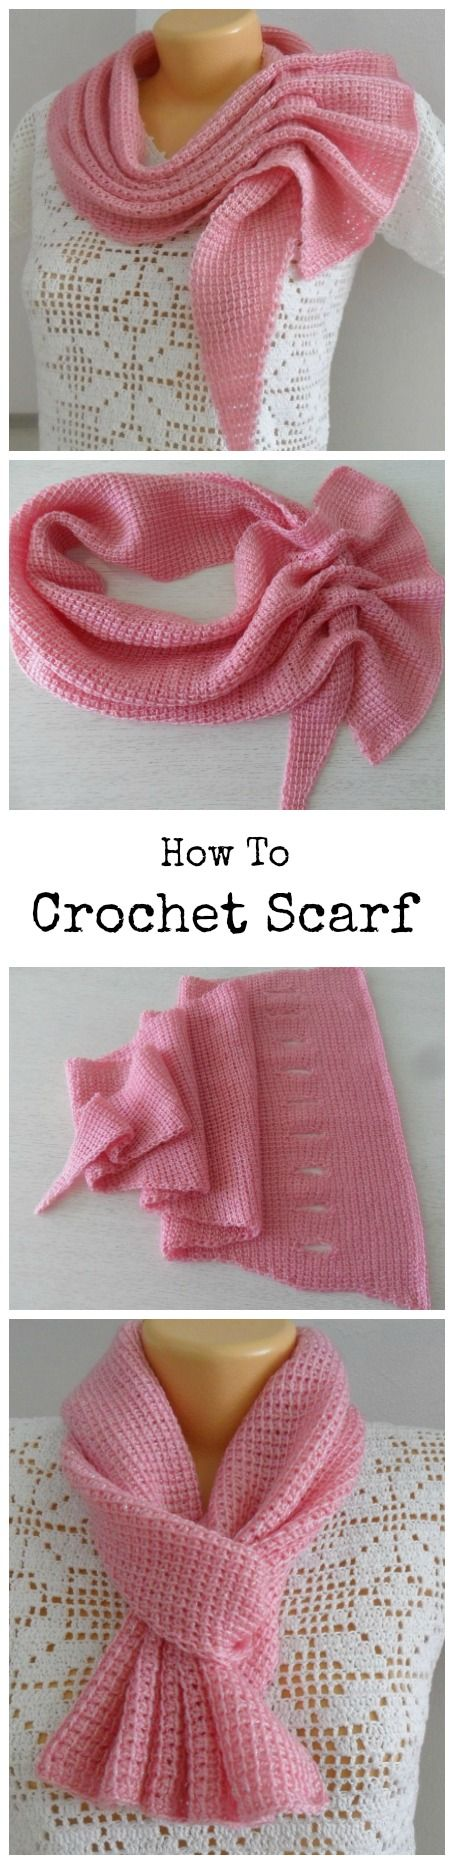 Crochet Most Beautiful Scarf | Tücher, Schals und Stricken